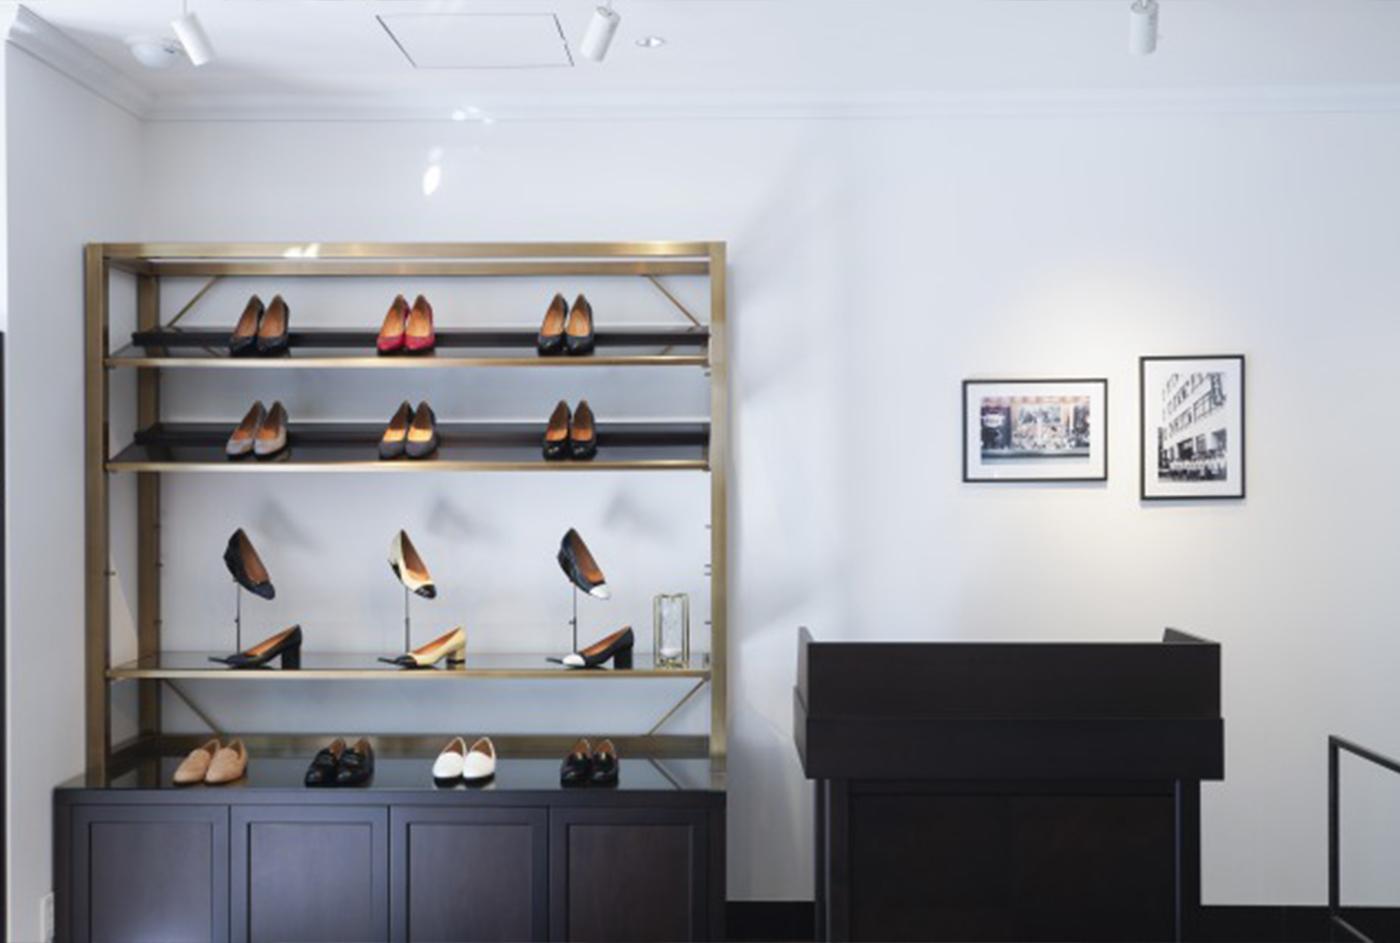 wisteria fujiwara,wf by wf,訂製鞋,皮鞋訂製,訂製